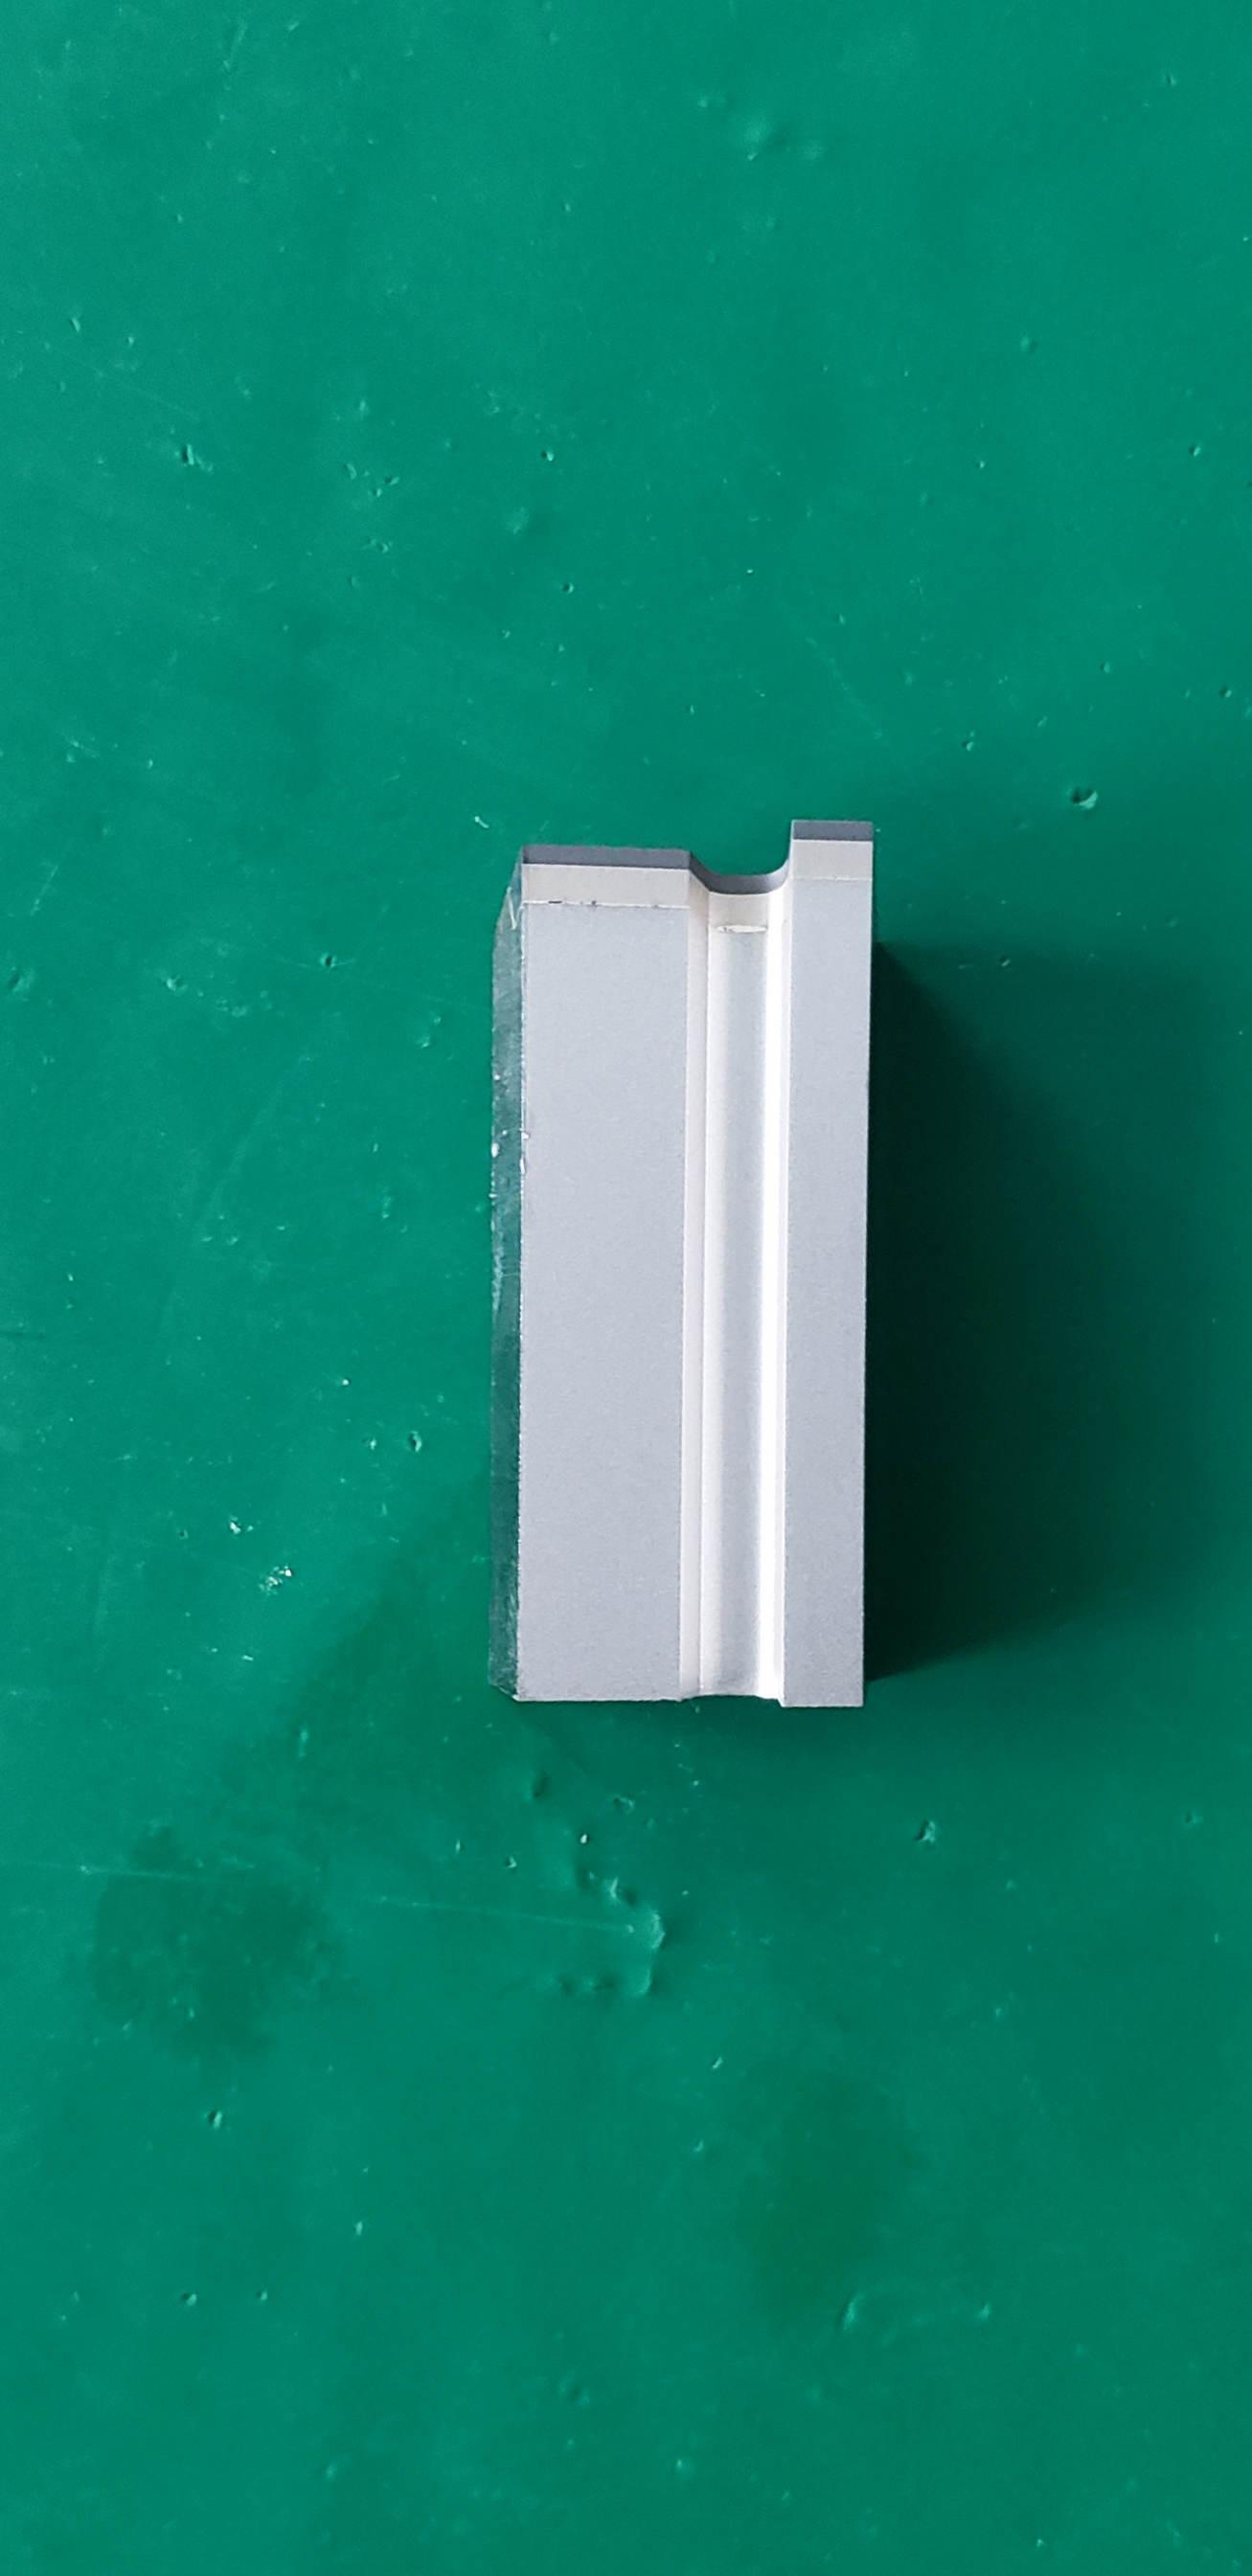 聚晶金剛石(PCD)慢走絲成型刀